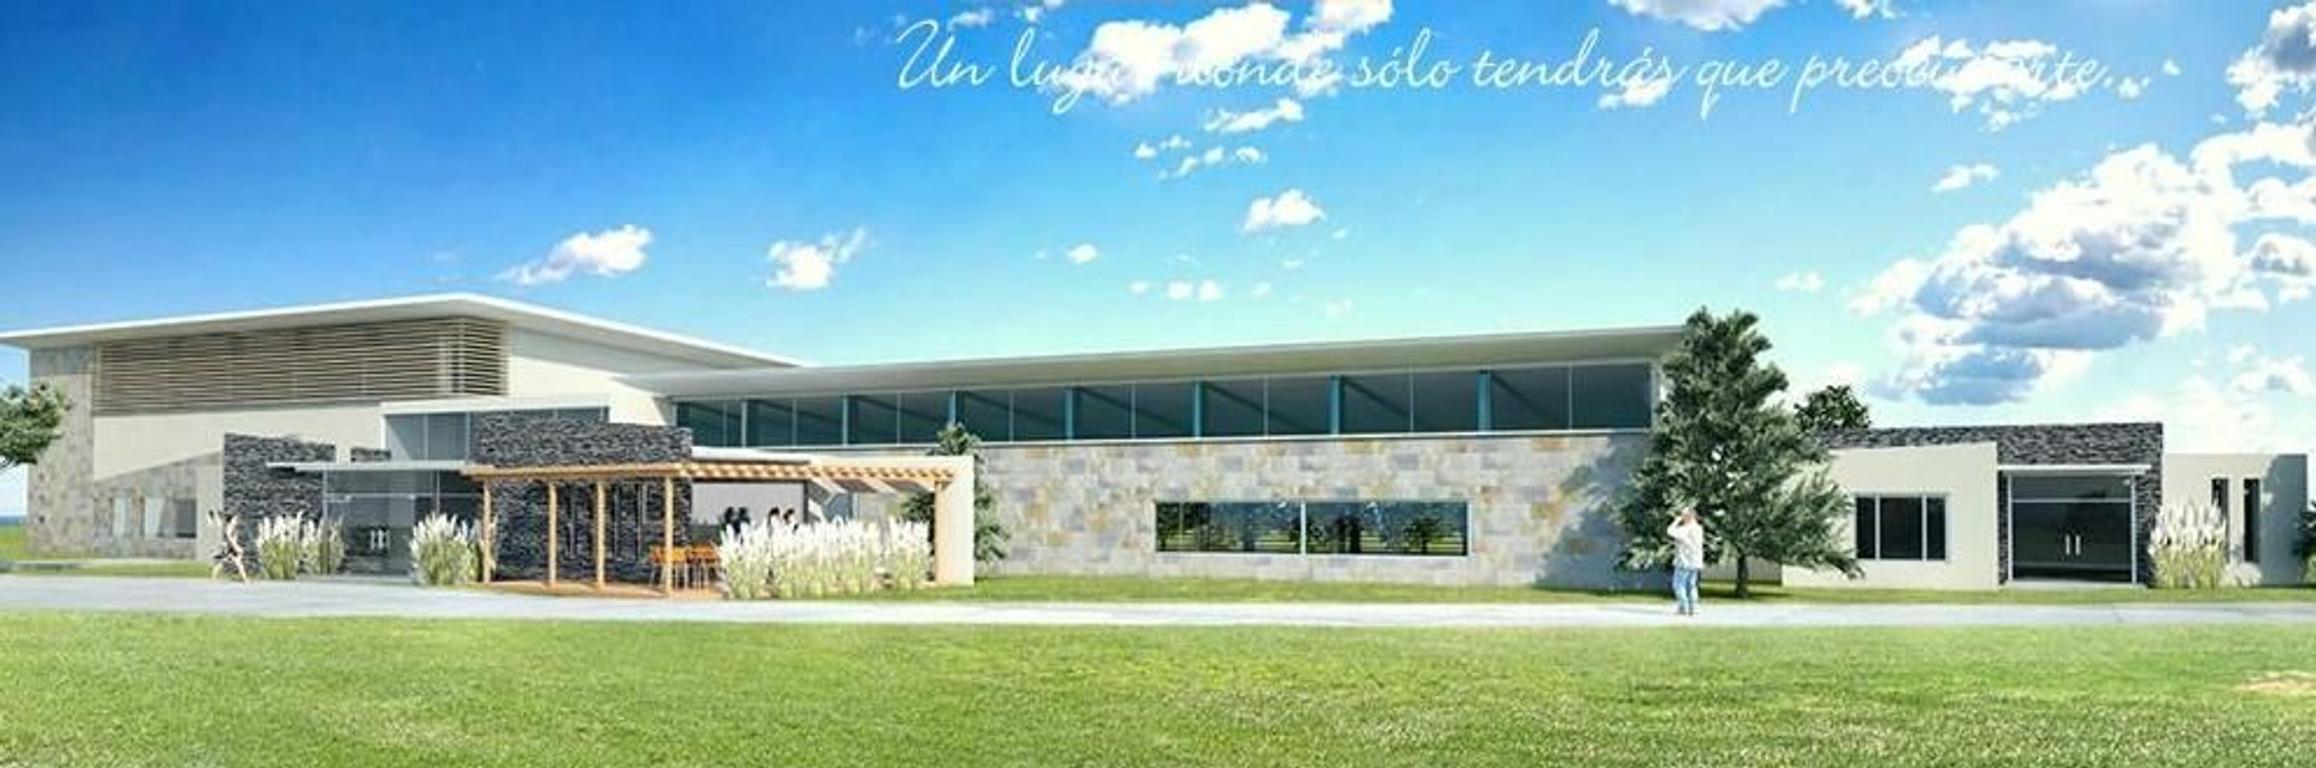 Terreno Lote  en Venta ubicado en Pilar, Pilar y Alrededores - PIL3444_LP94946_1